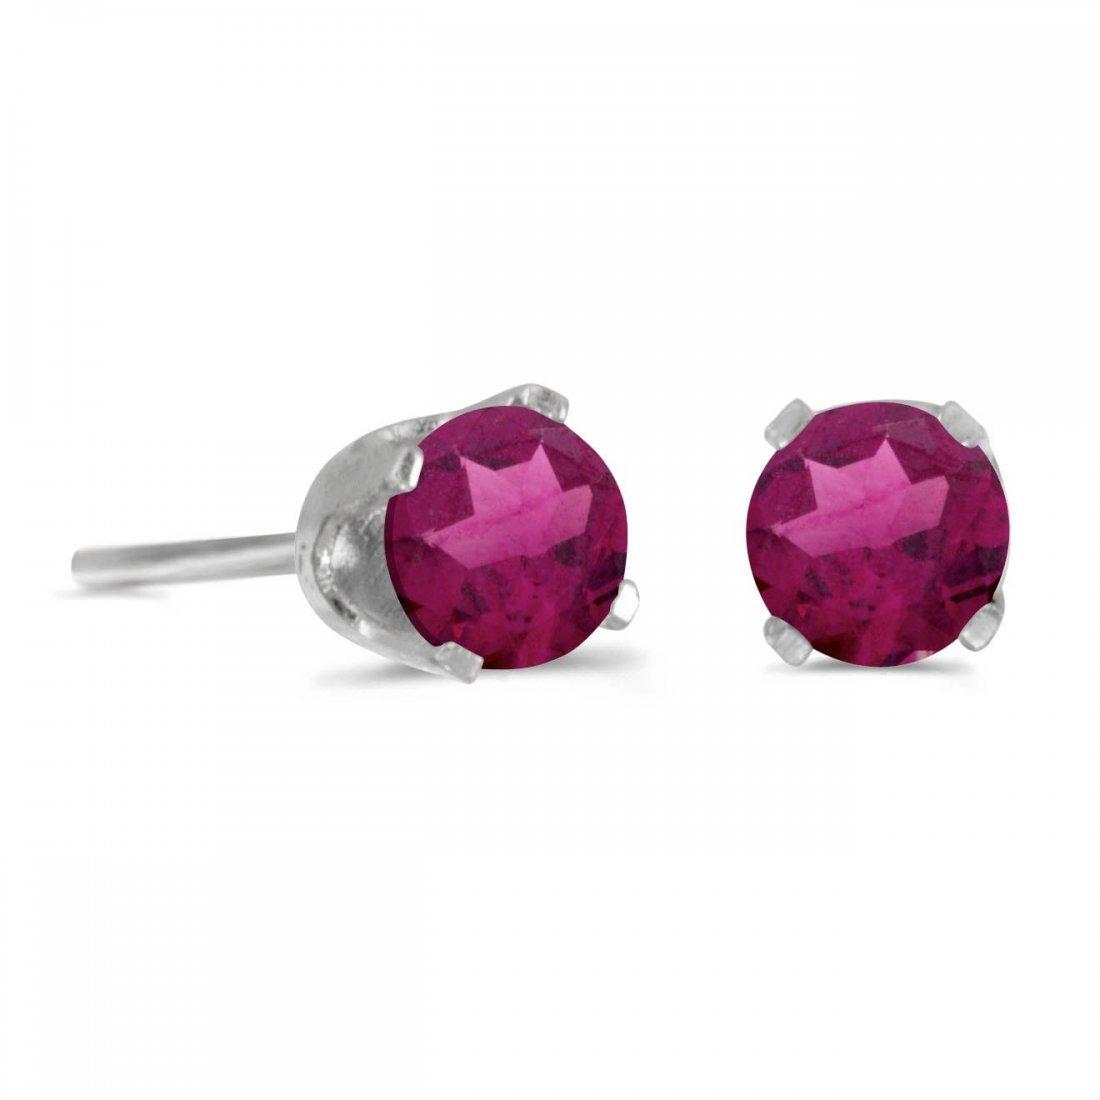 Certified 4 mm Round Rhodolite Garnet Stud Earrings in